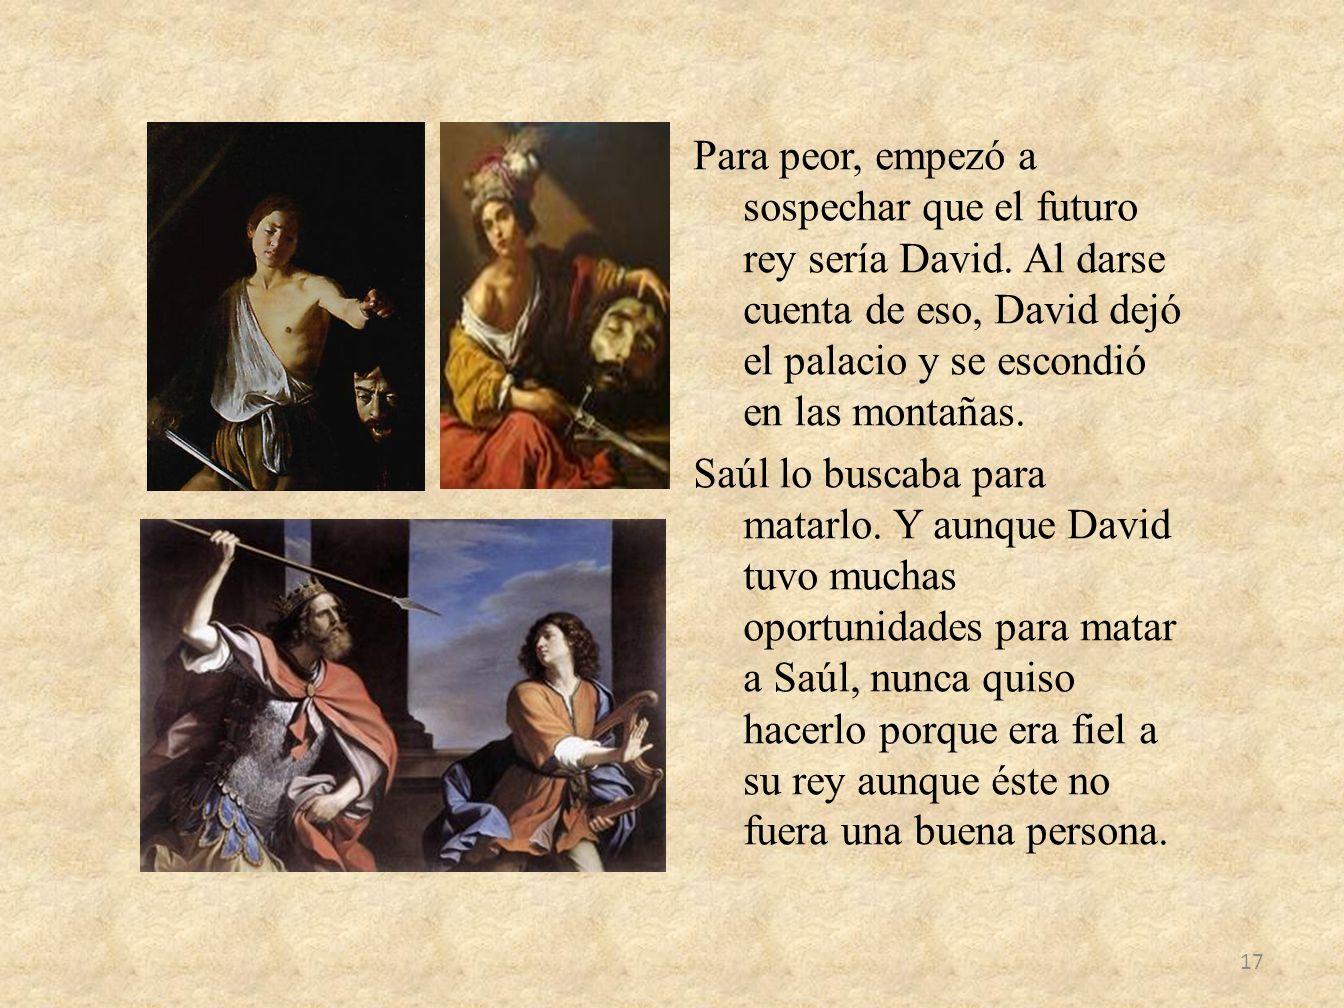 Para peor, empezó a sospechar que el futuro rey sería David. Al darse cuenta de eso, David dejó el palacio y se escondió en las montañas. Saúl lo busc